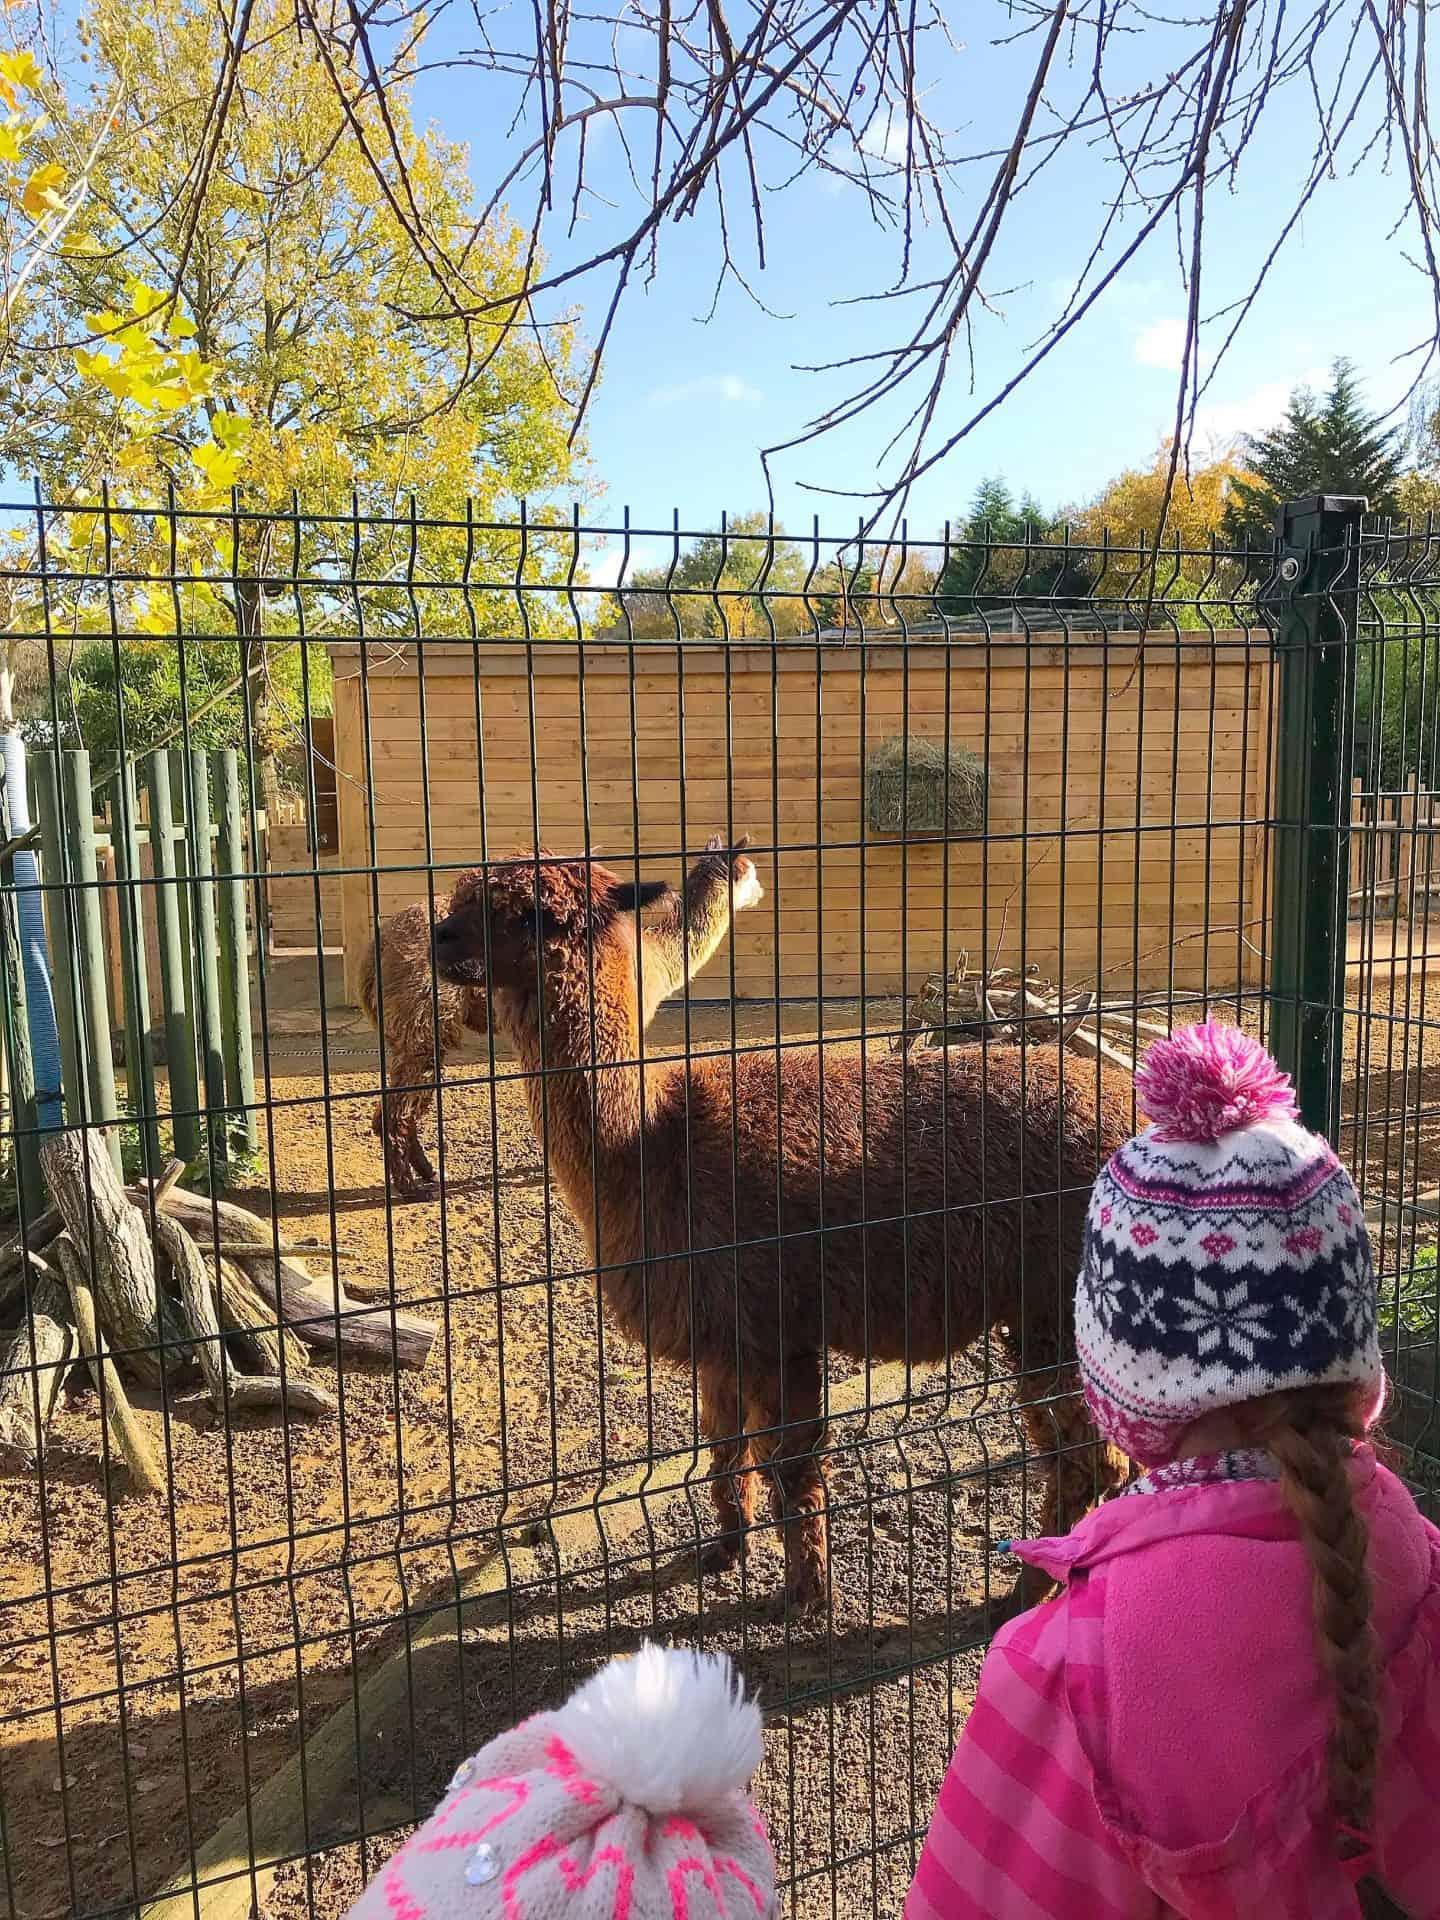 Meeting Llamas